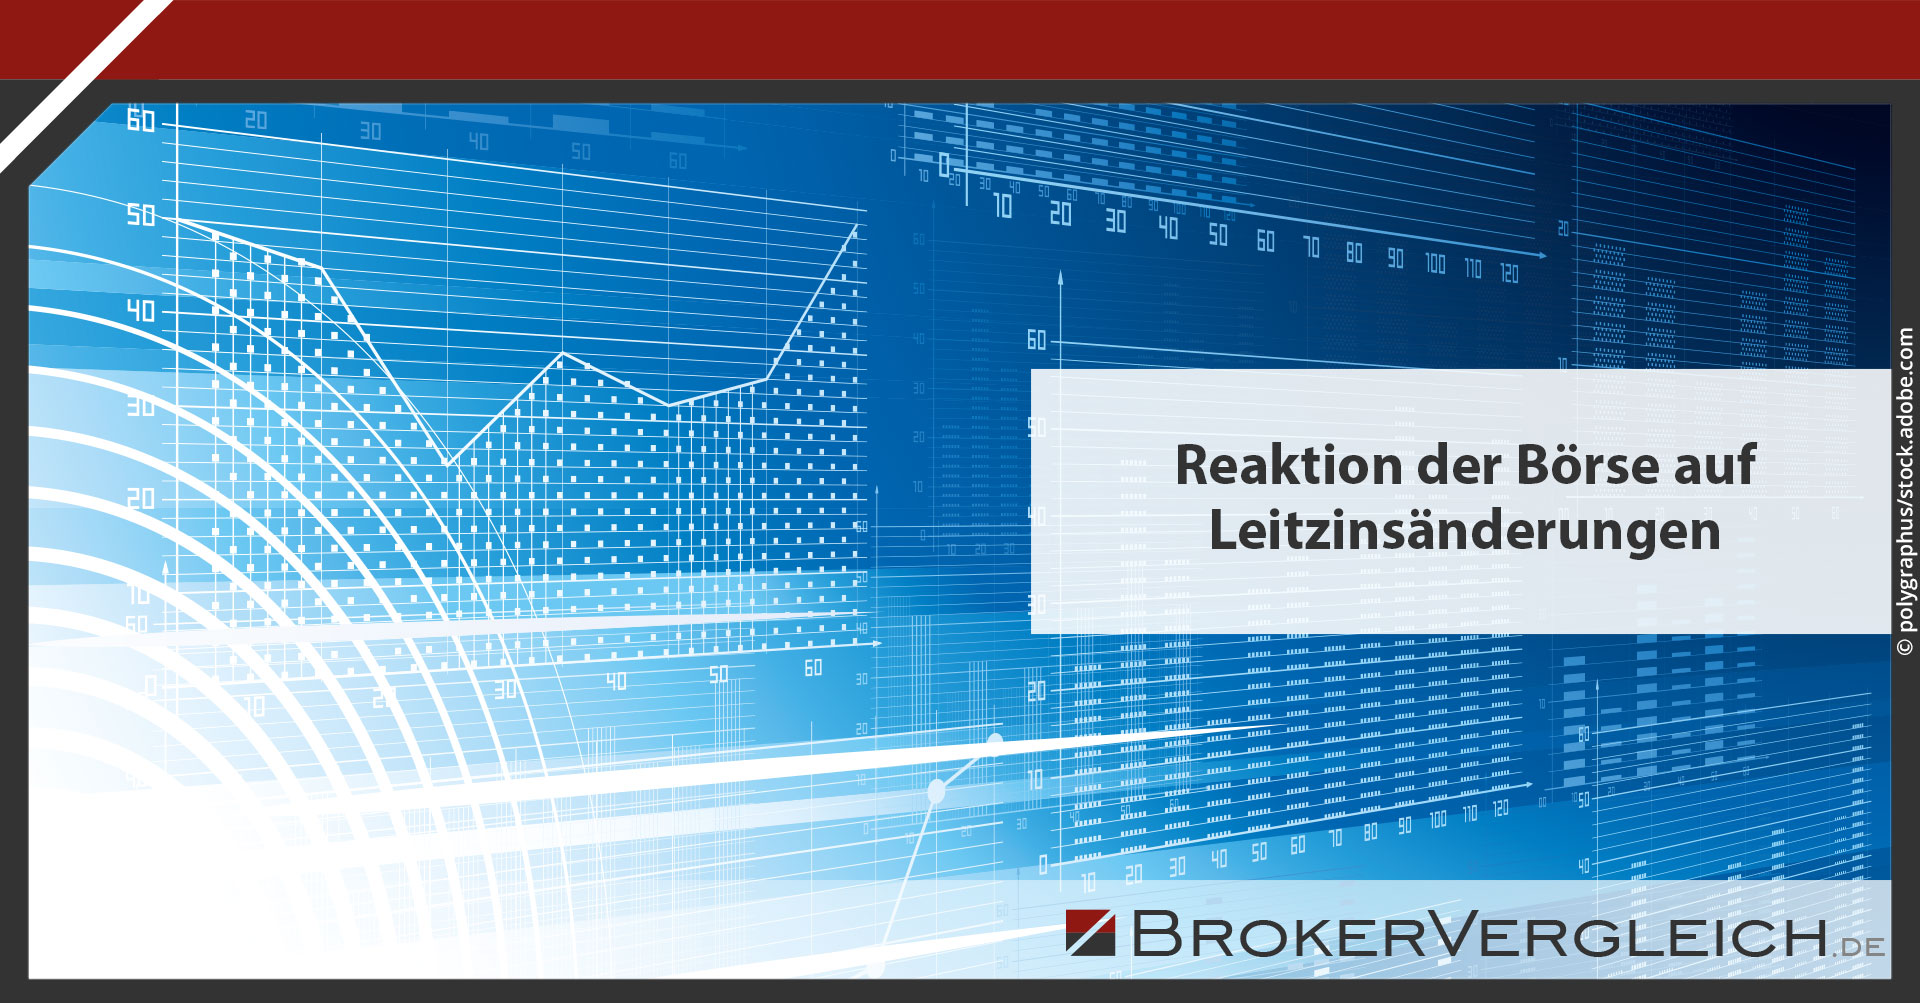 Zum Beitrag - Reaktion der Börse auf Leitzinsänderungen